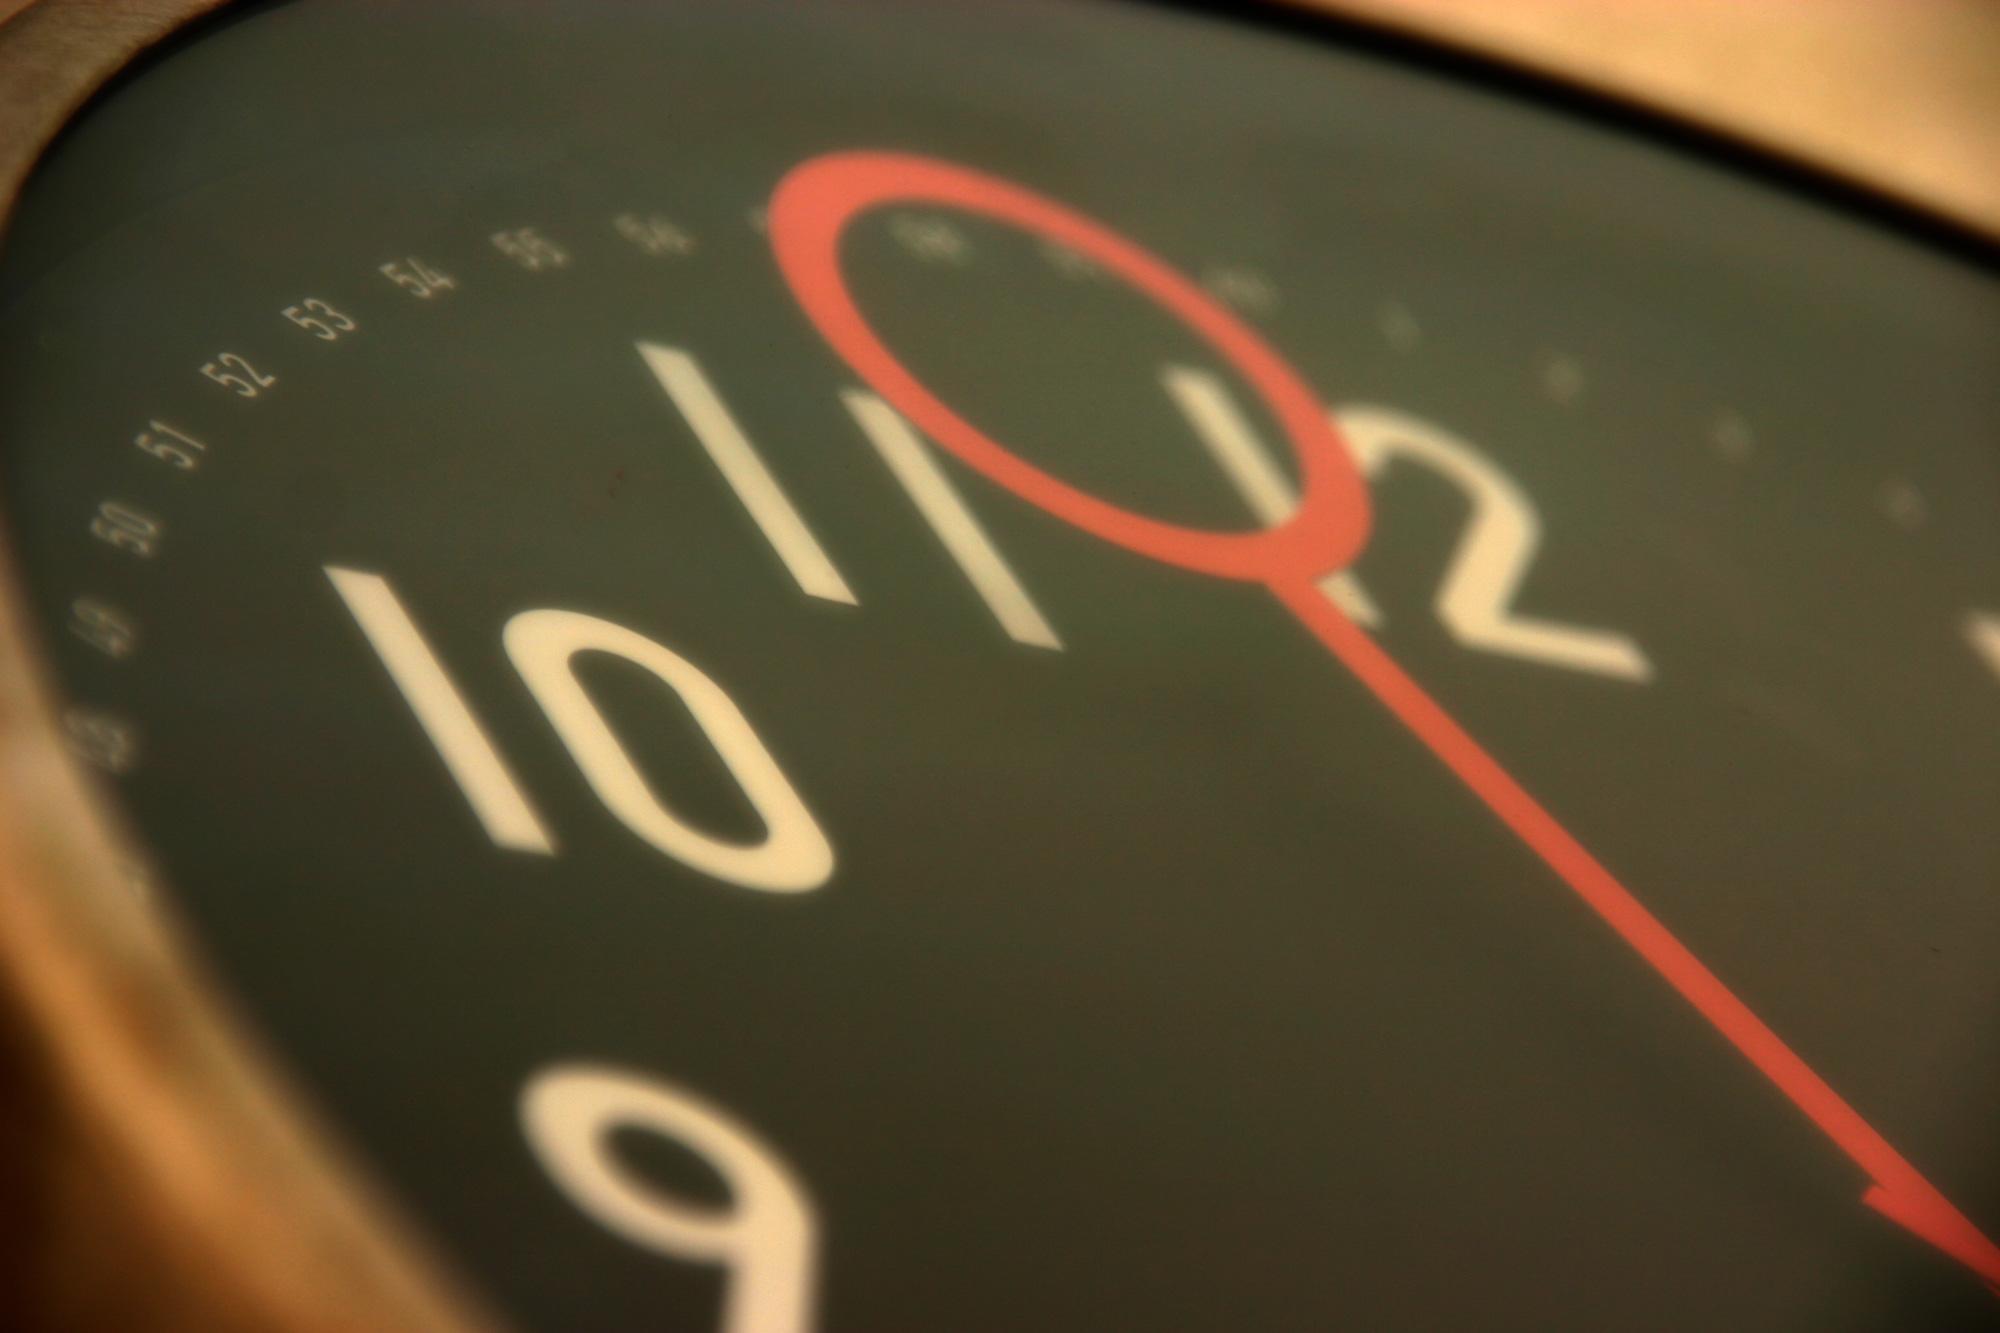 saat  Erkeklerin cinsel yaşamıyla ilgili şaşırtıcı gerçekler saat